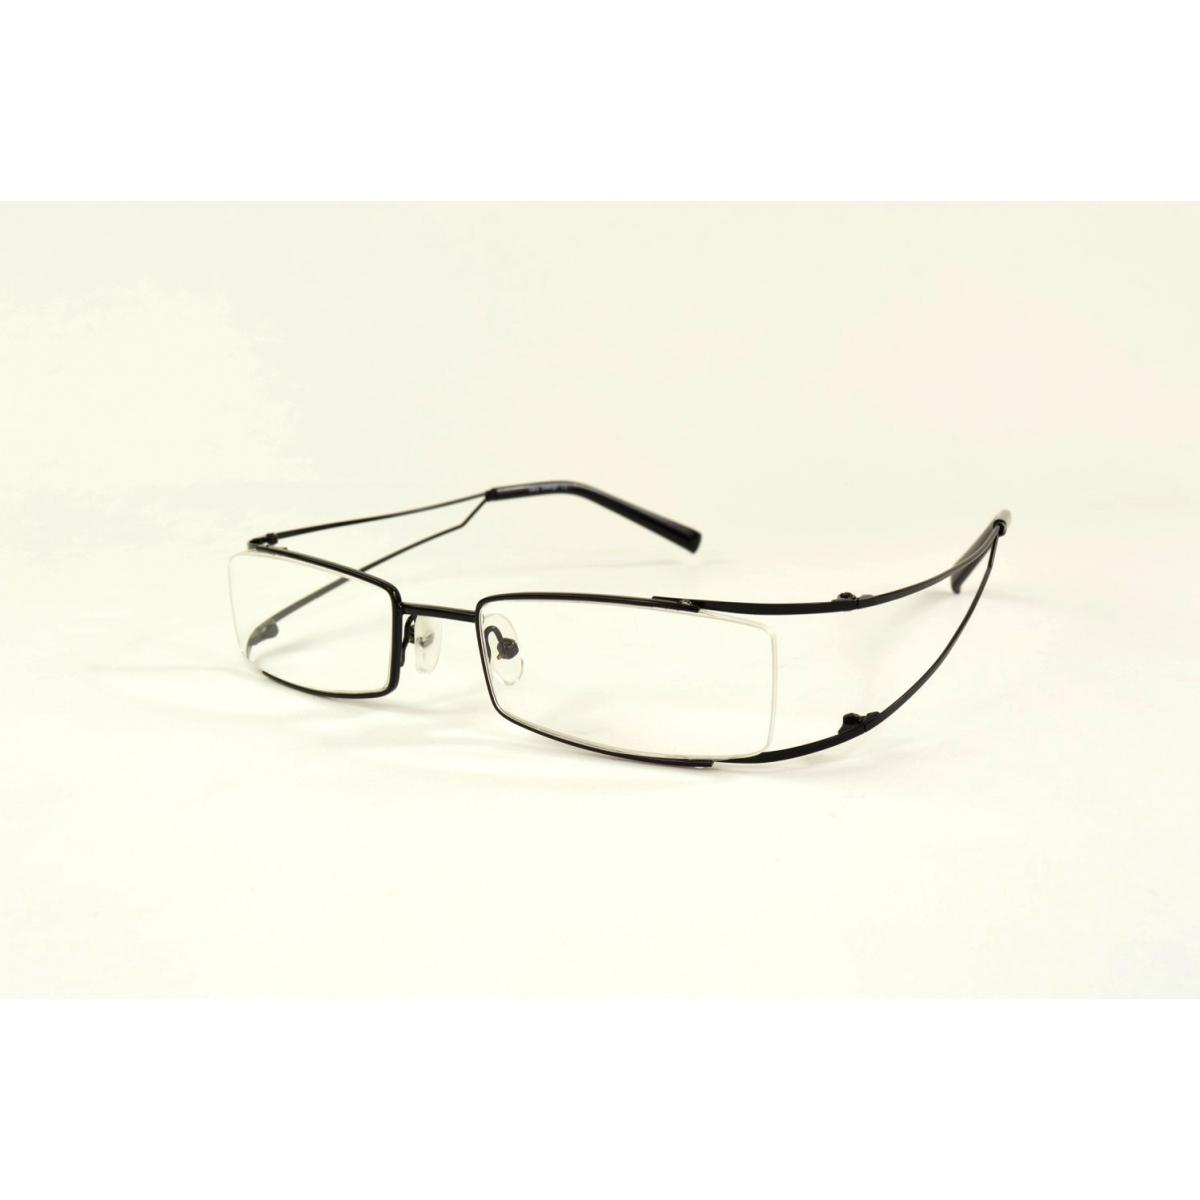 Gafas de lectura rectangulares con los bordes redondeados de metal